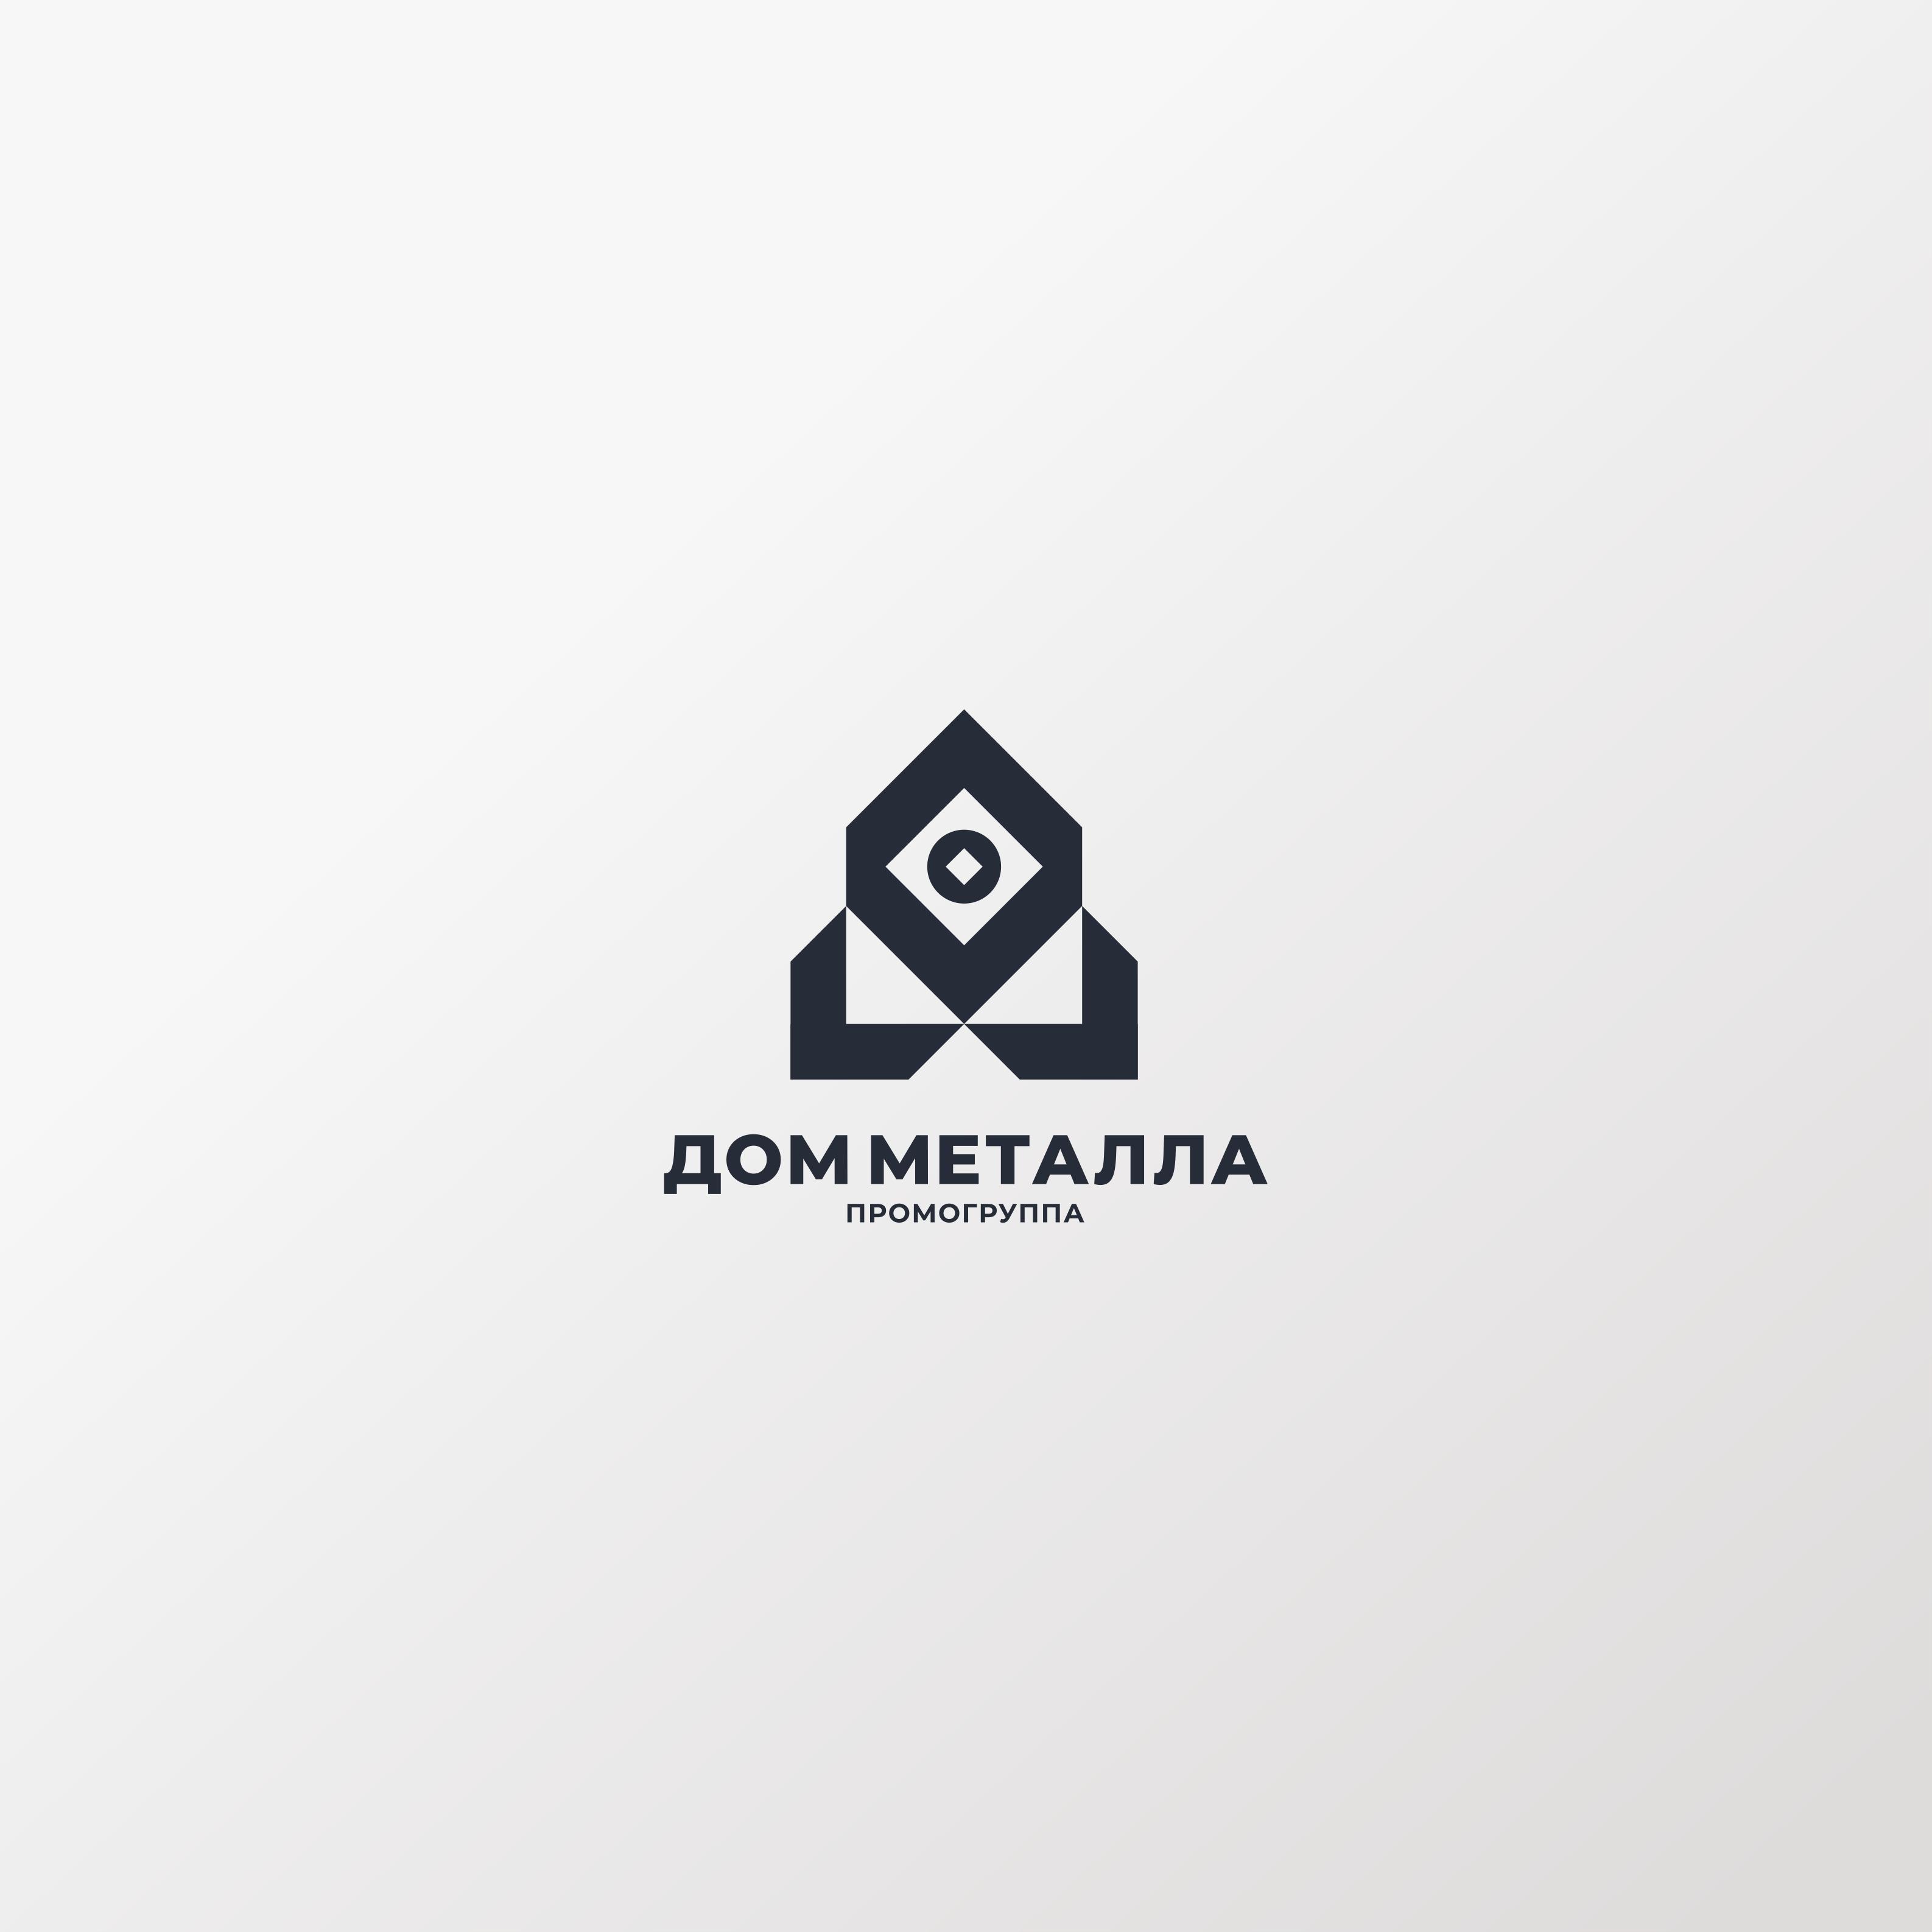 Разработка логотипа фото f_5925c5d68d079c4a.png